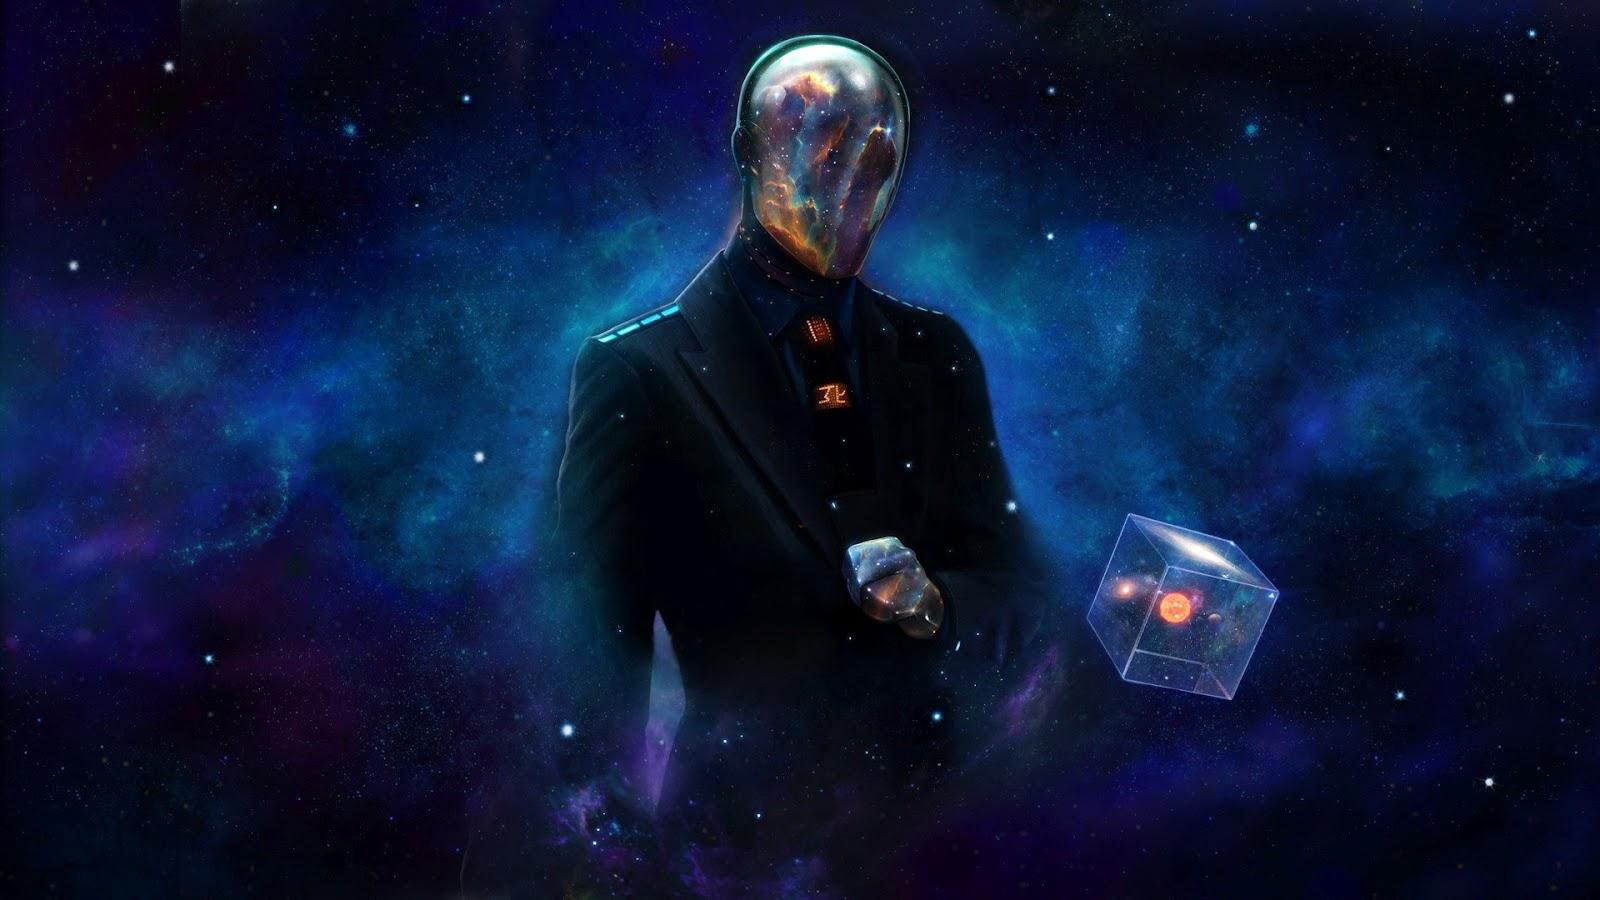 Mashababko Space Vortex Wallpaper